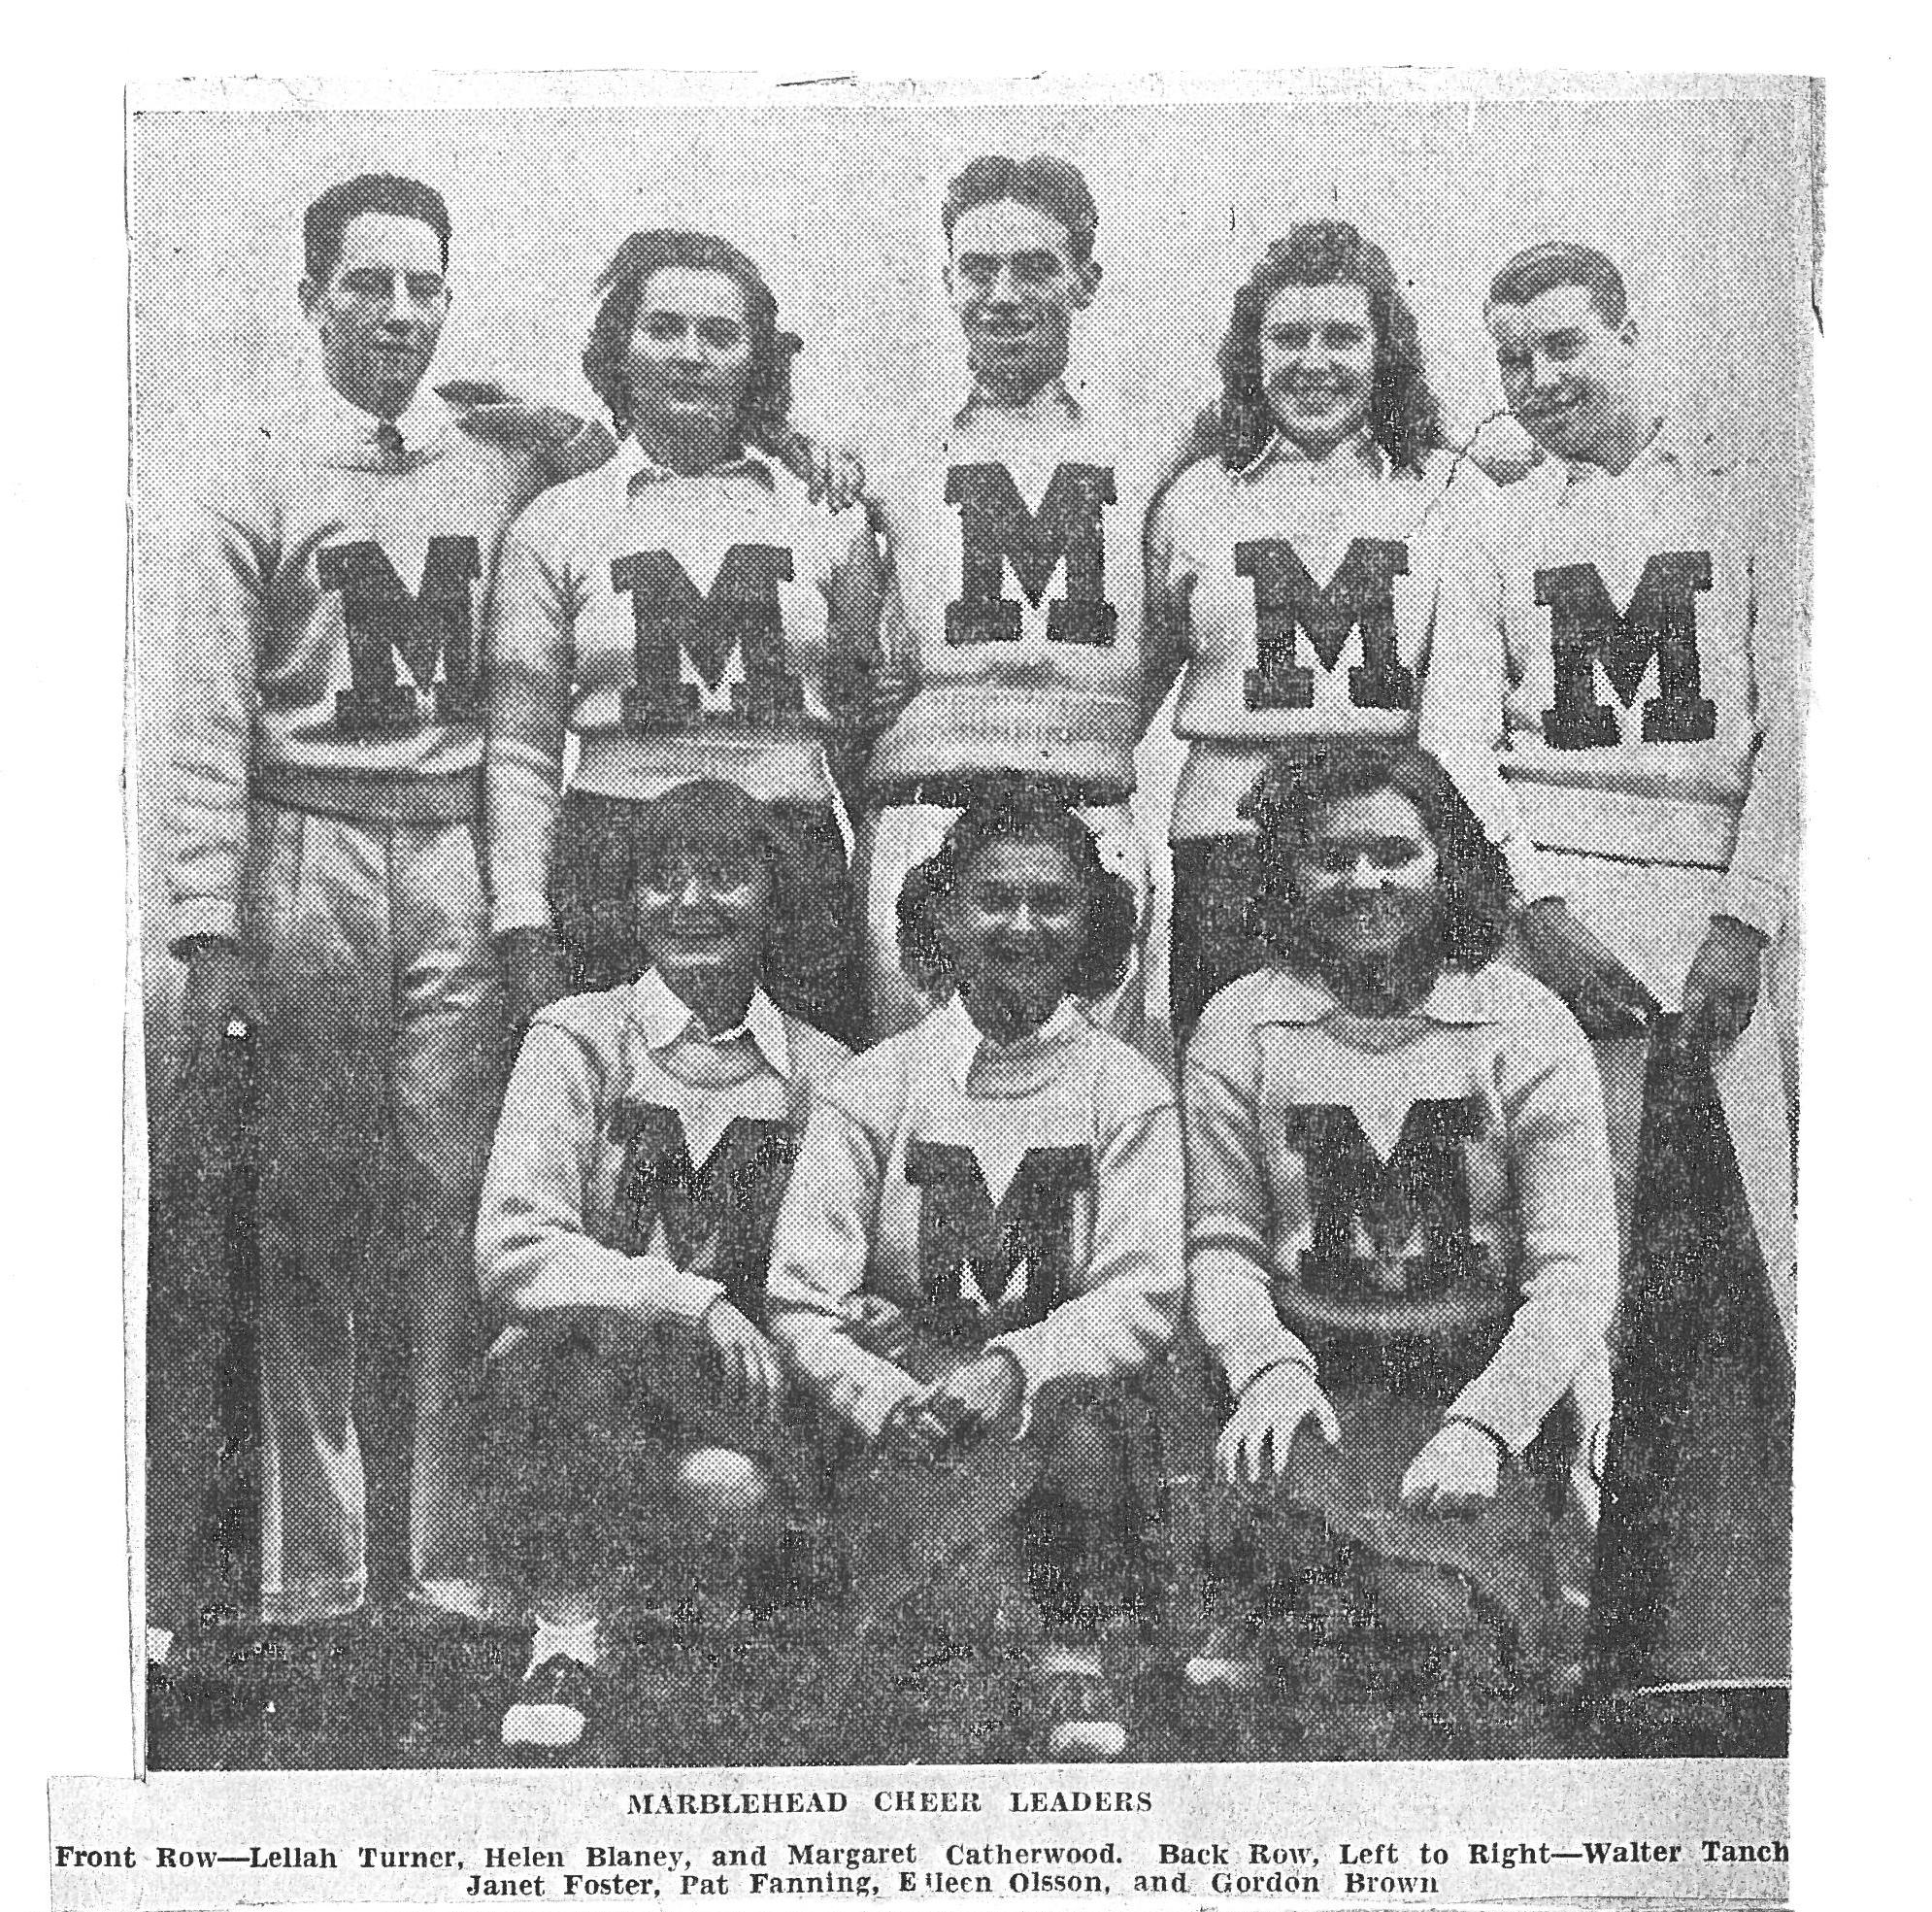 1938 Cheerleaders